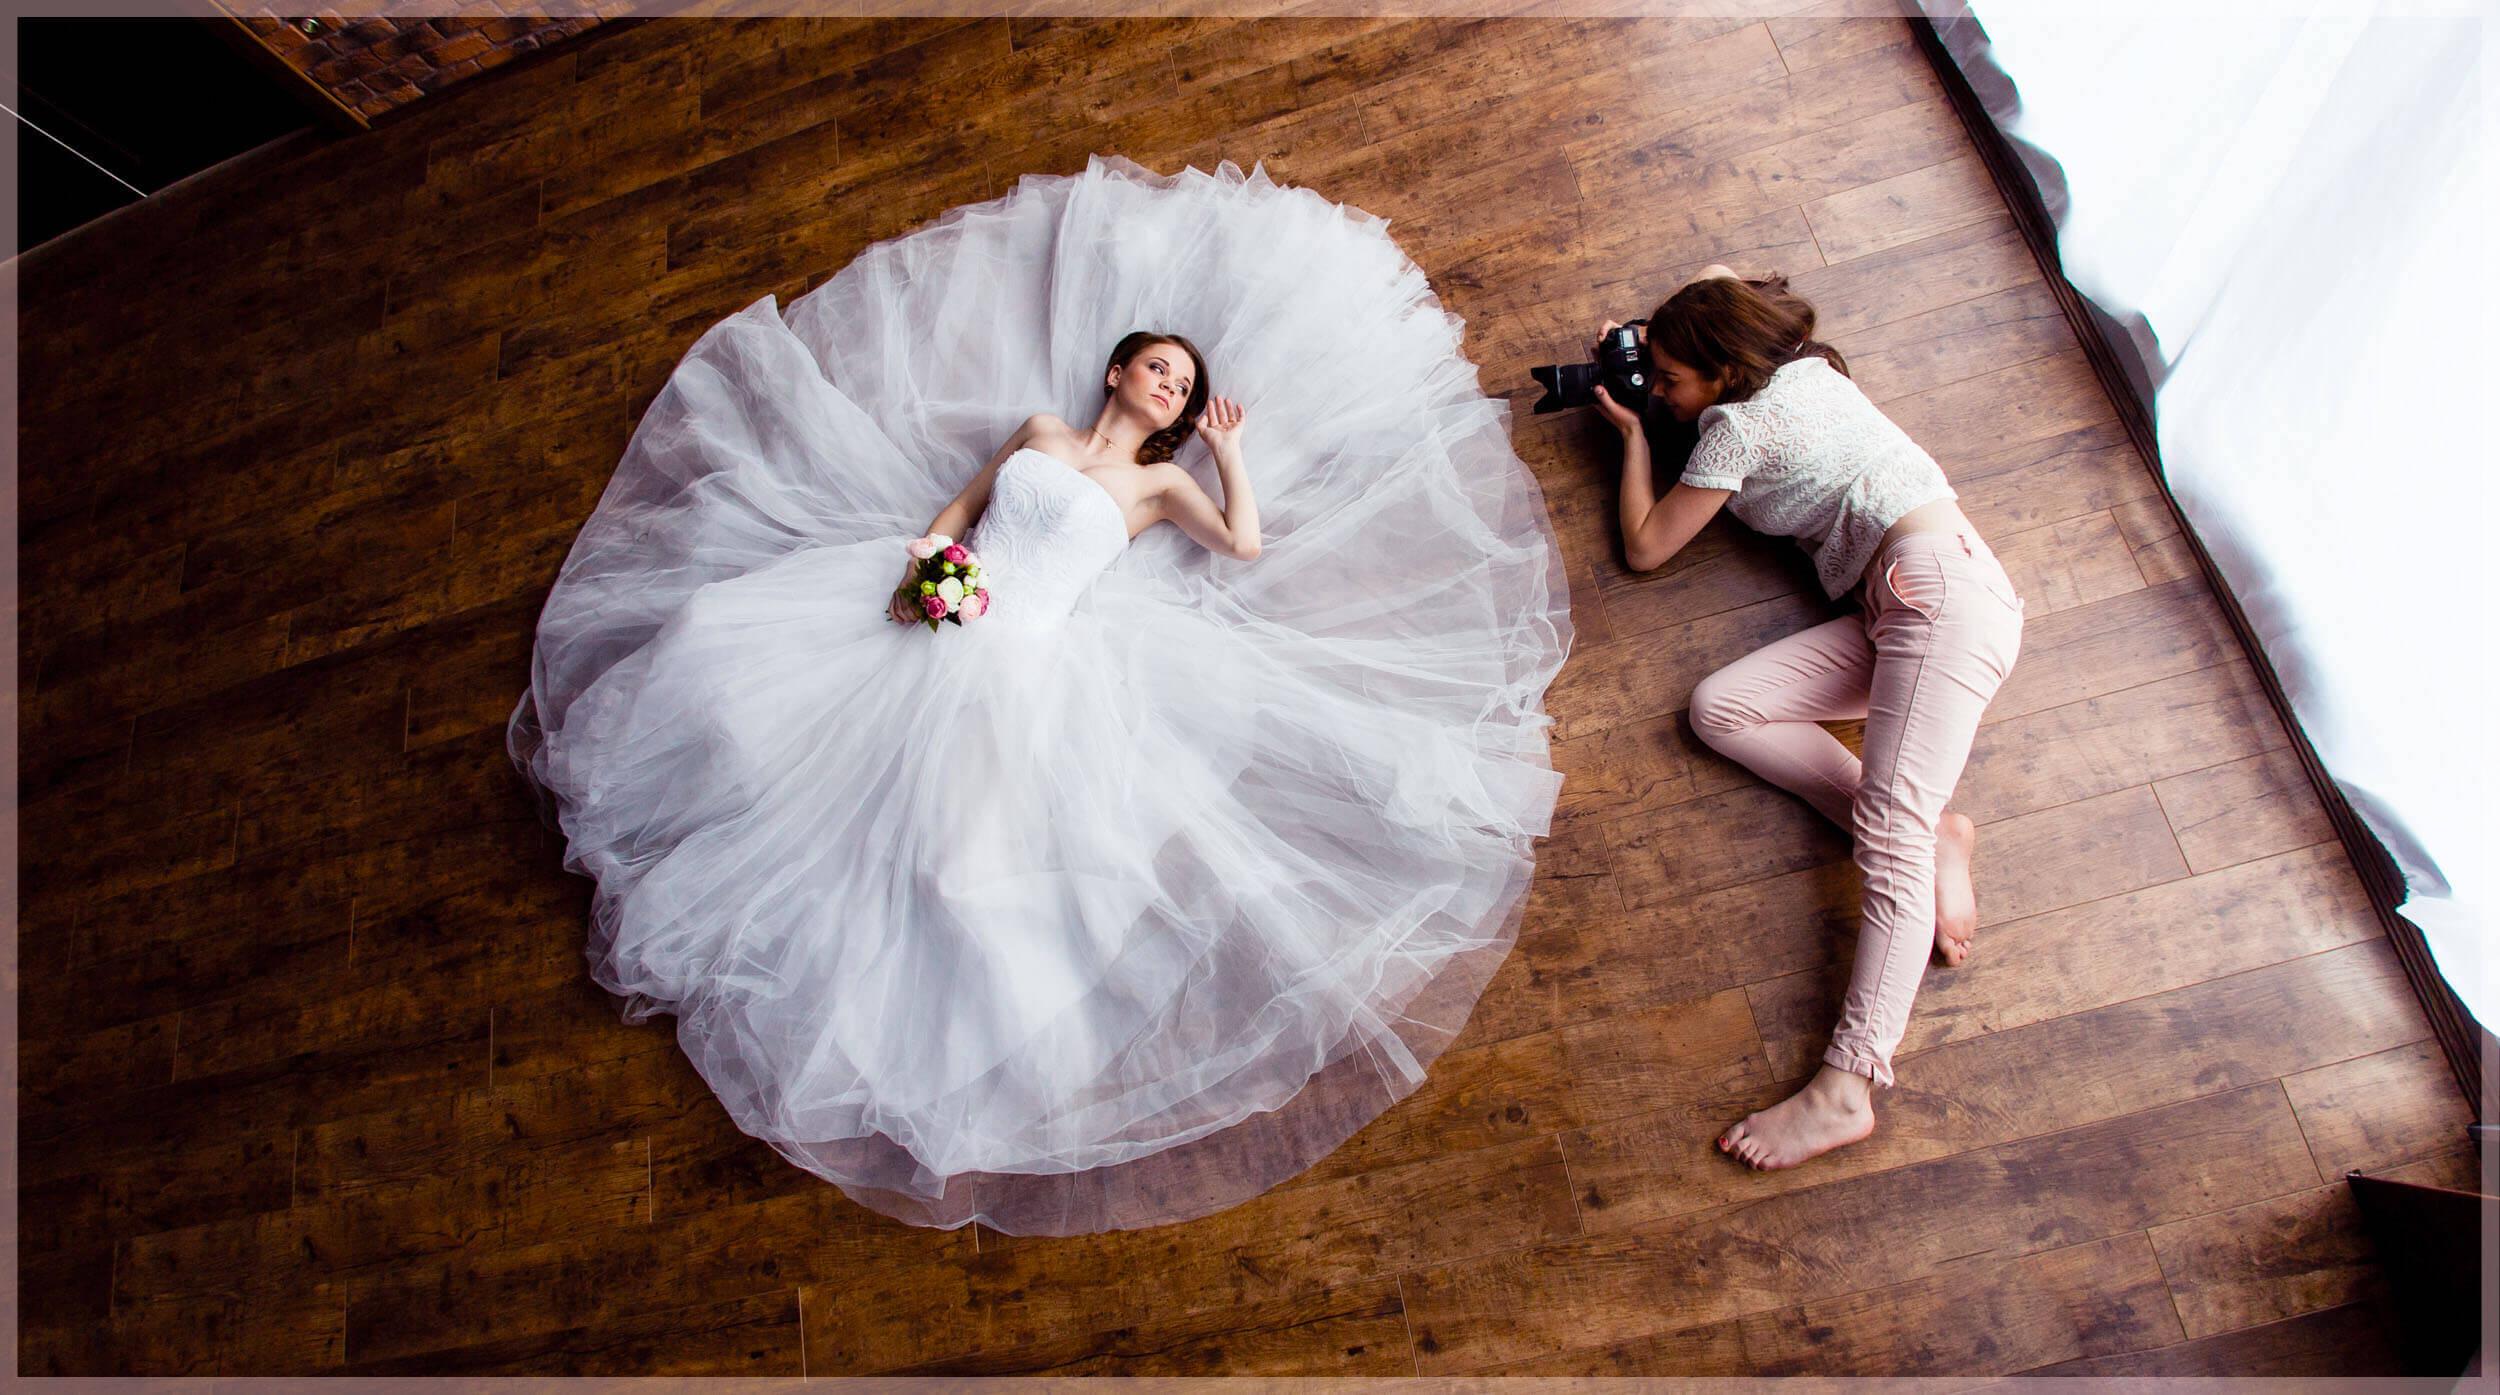 7 bí quyết giúp bạn tiết kiệm chi phí khi chụp ảnh cưới - Ảnh 2.